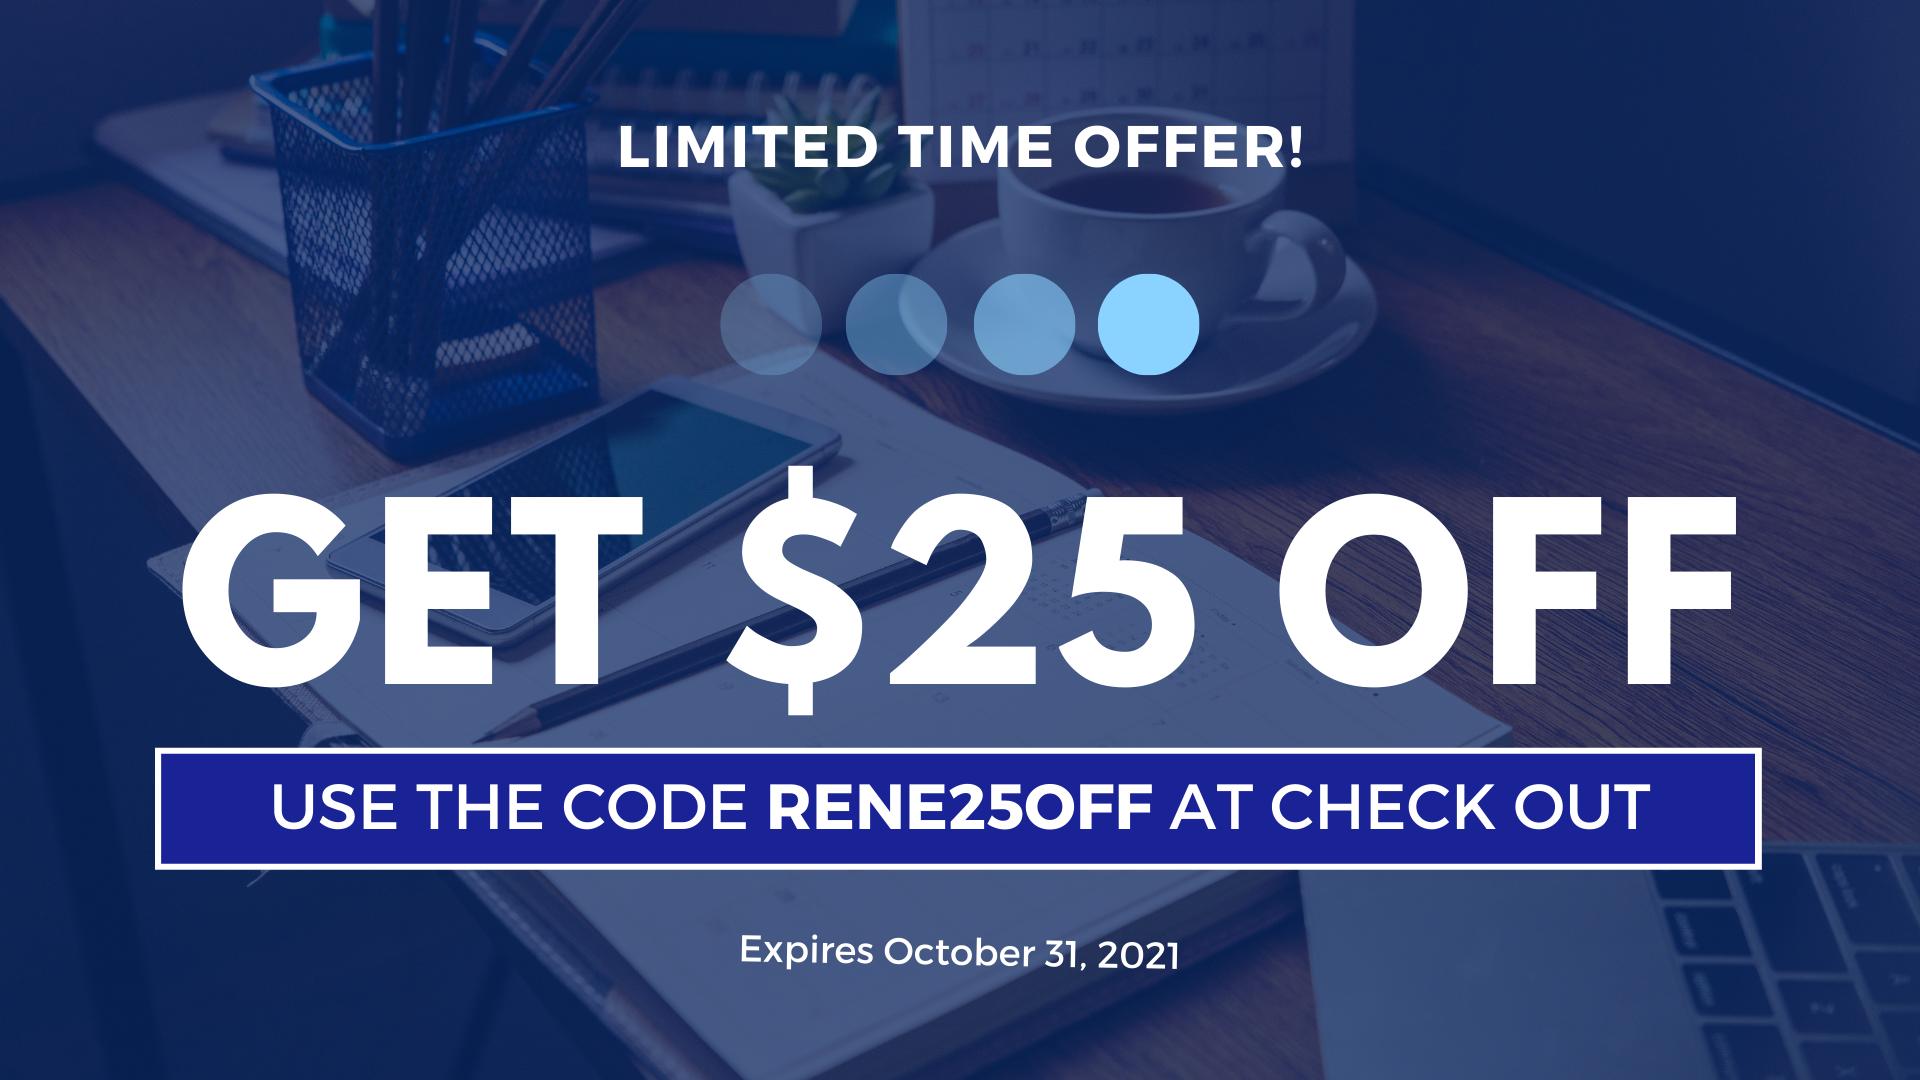 discount code rene25off